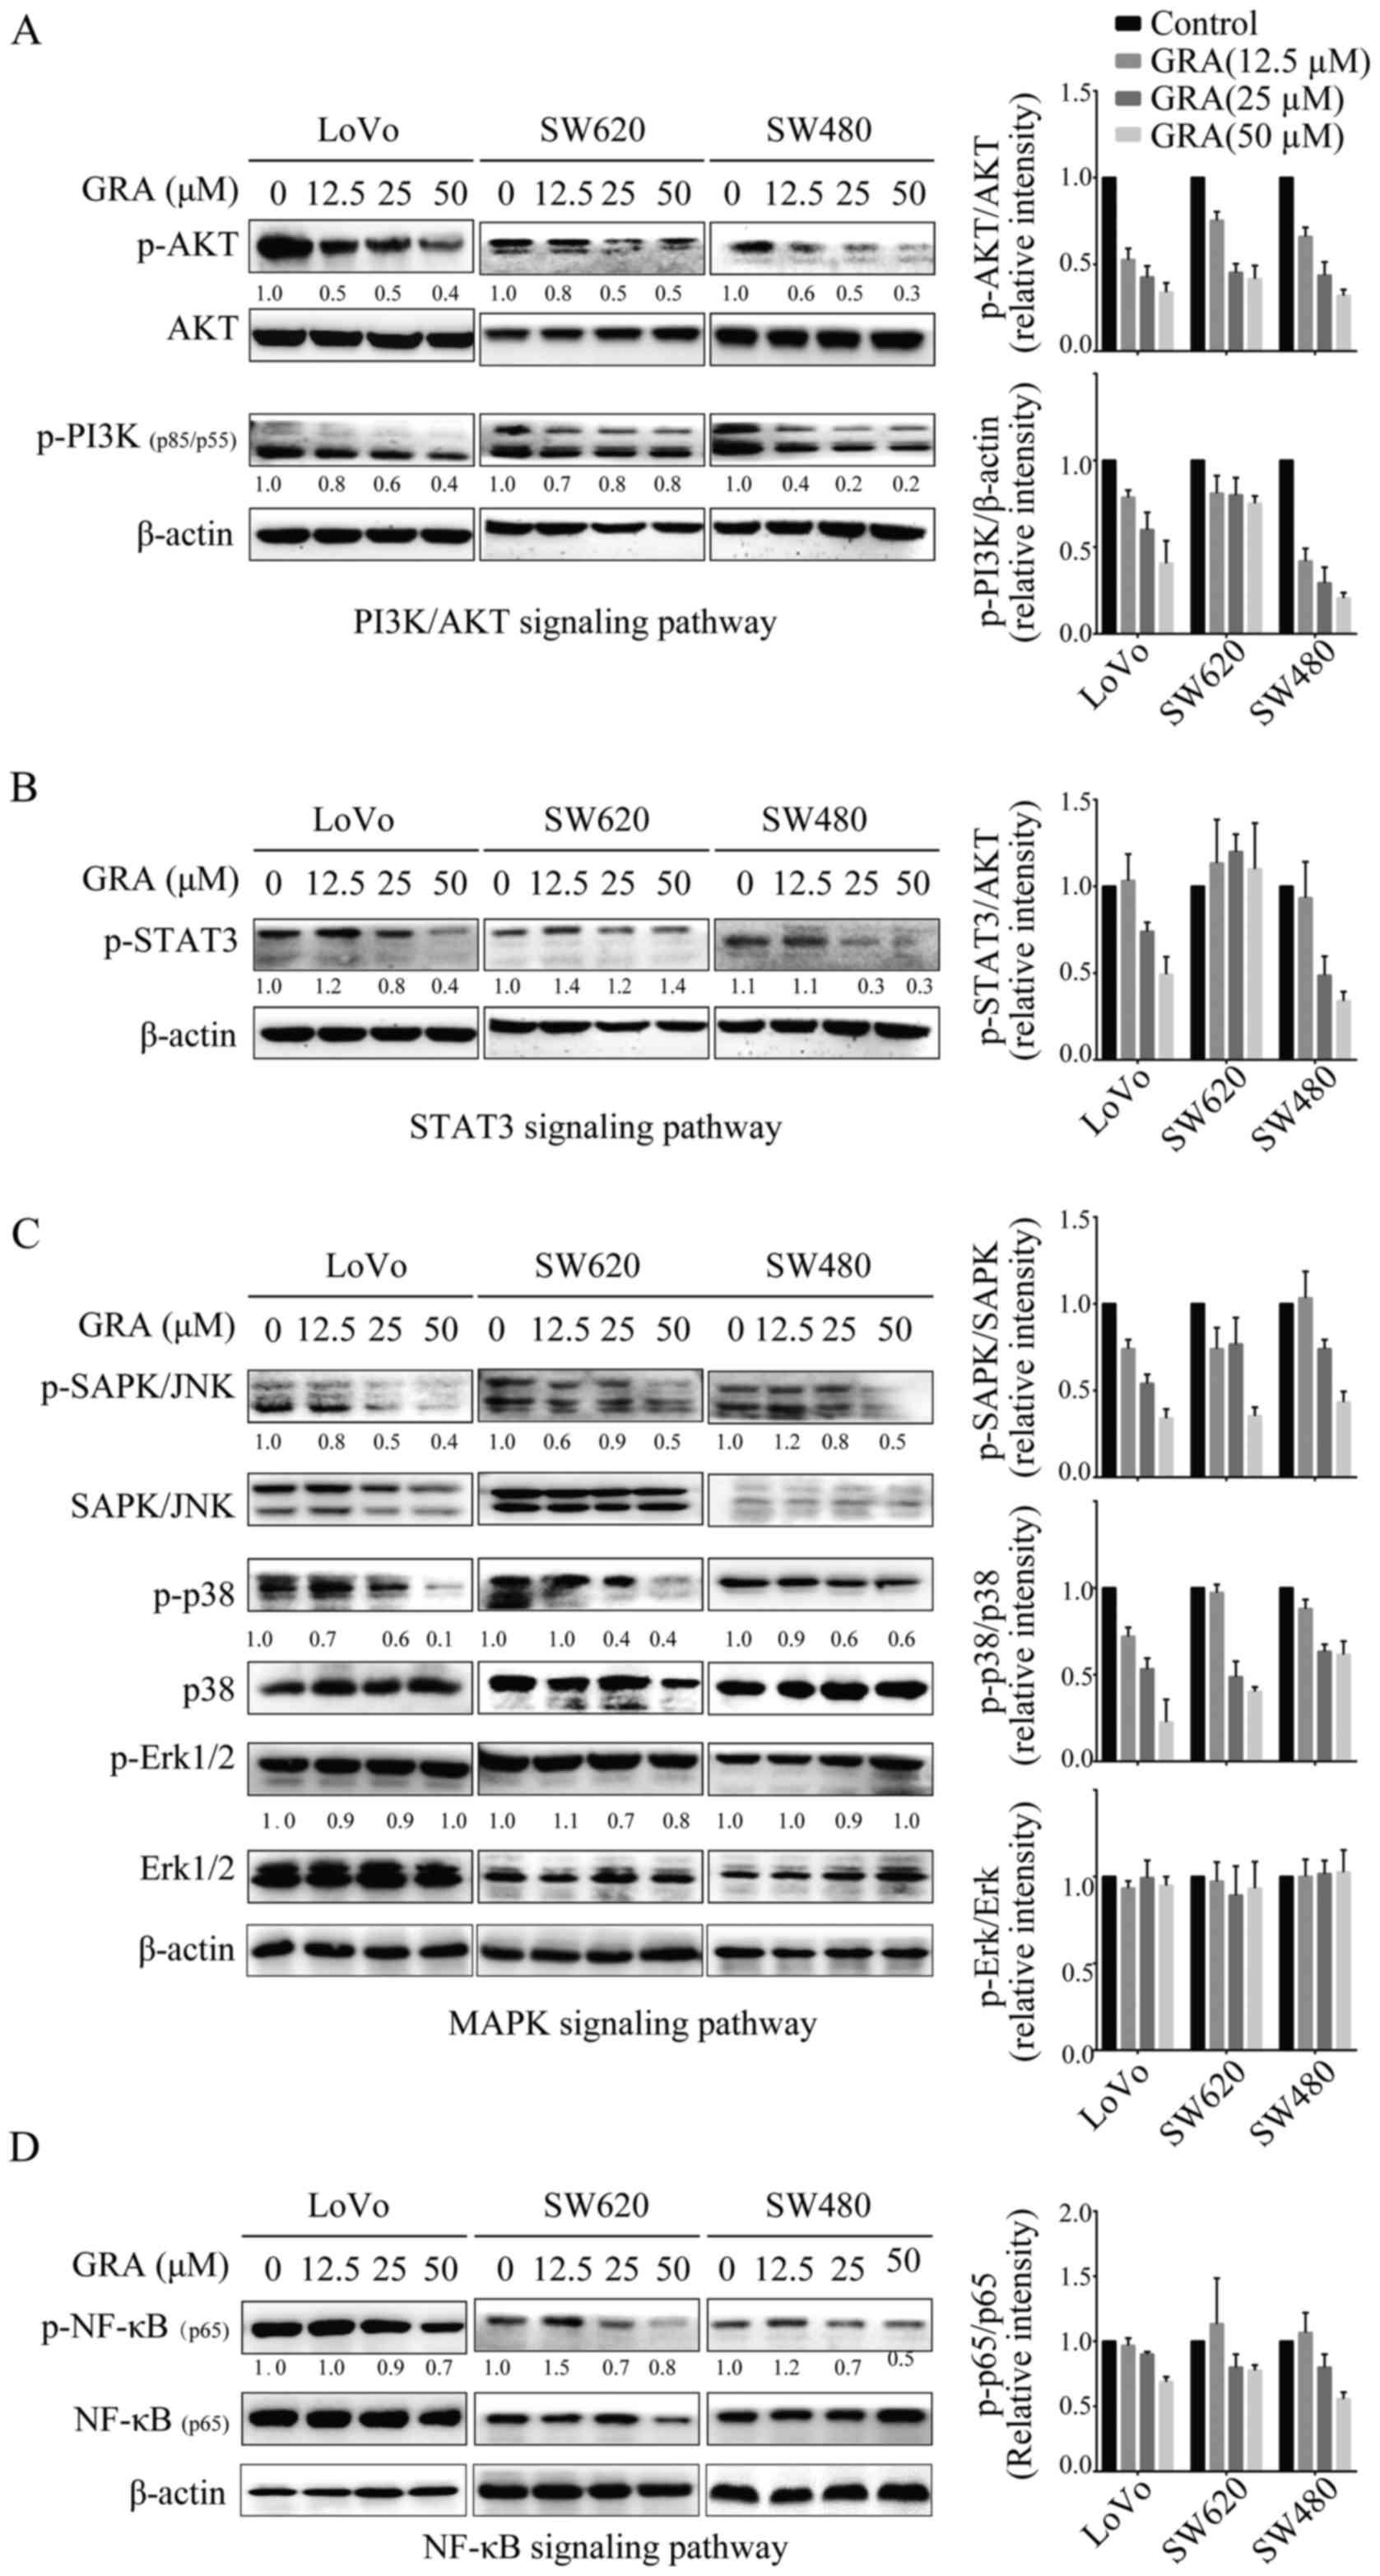 18 β-glycyrrhetinic acid exhibits potent antitumor effects